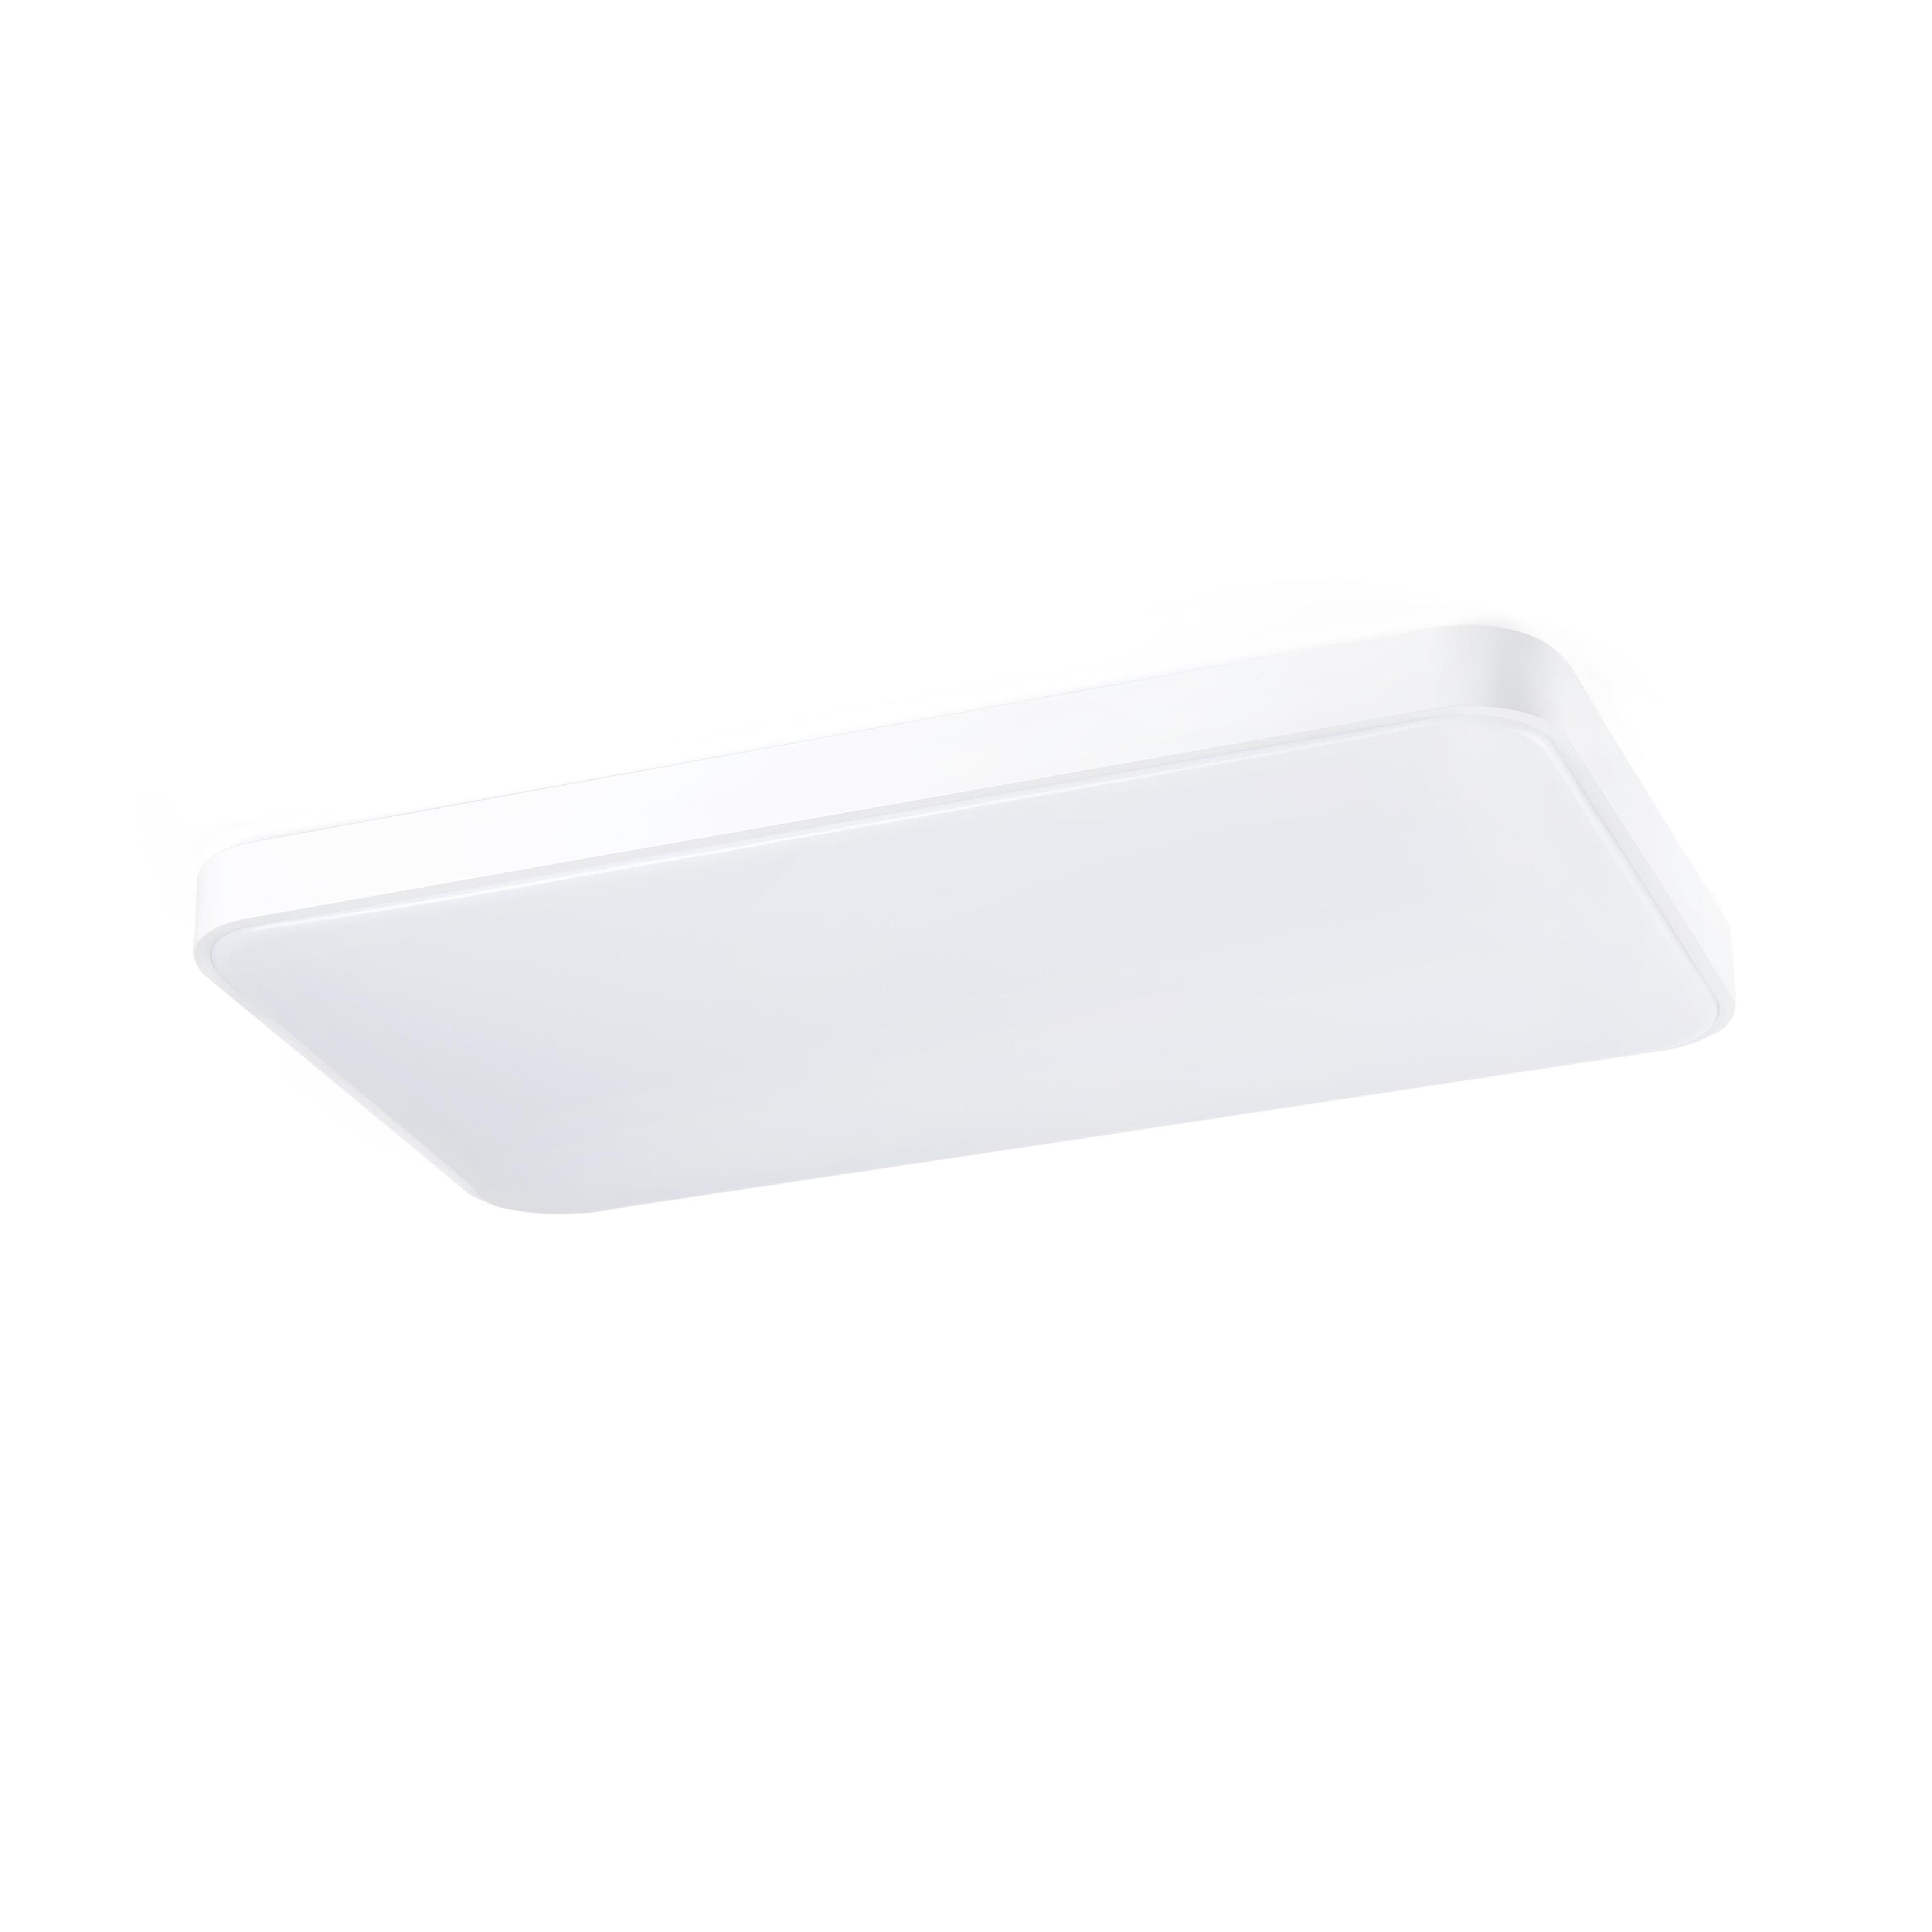 Sogo-2 ceiling lamp white LED 30W 4000K White